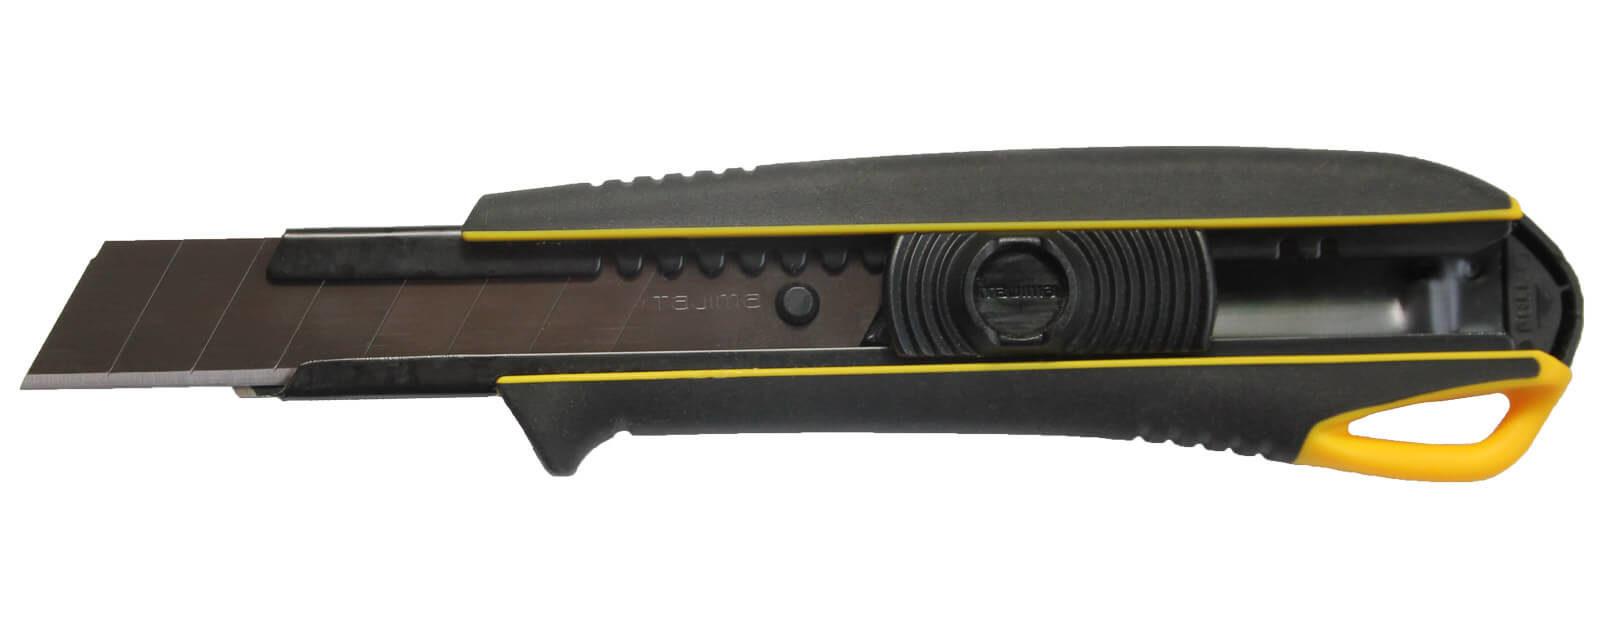 C061-Cuttermesser-Profi-Tajima-18mm-CURT-tools